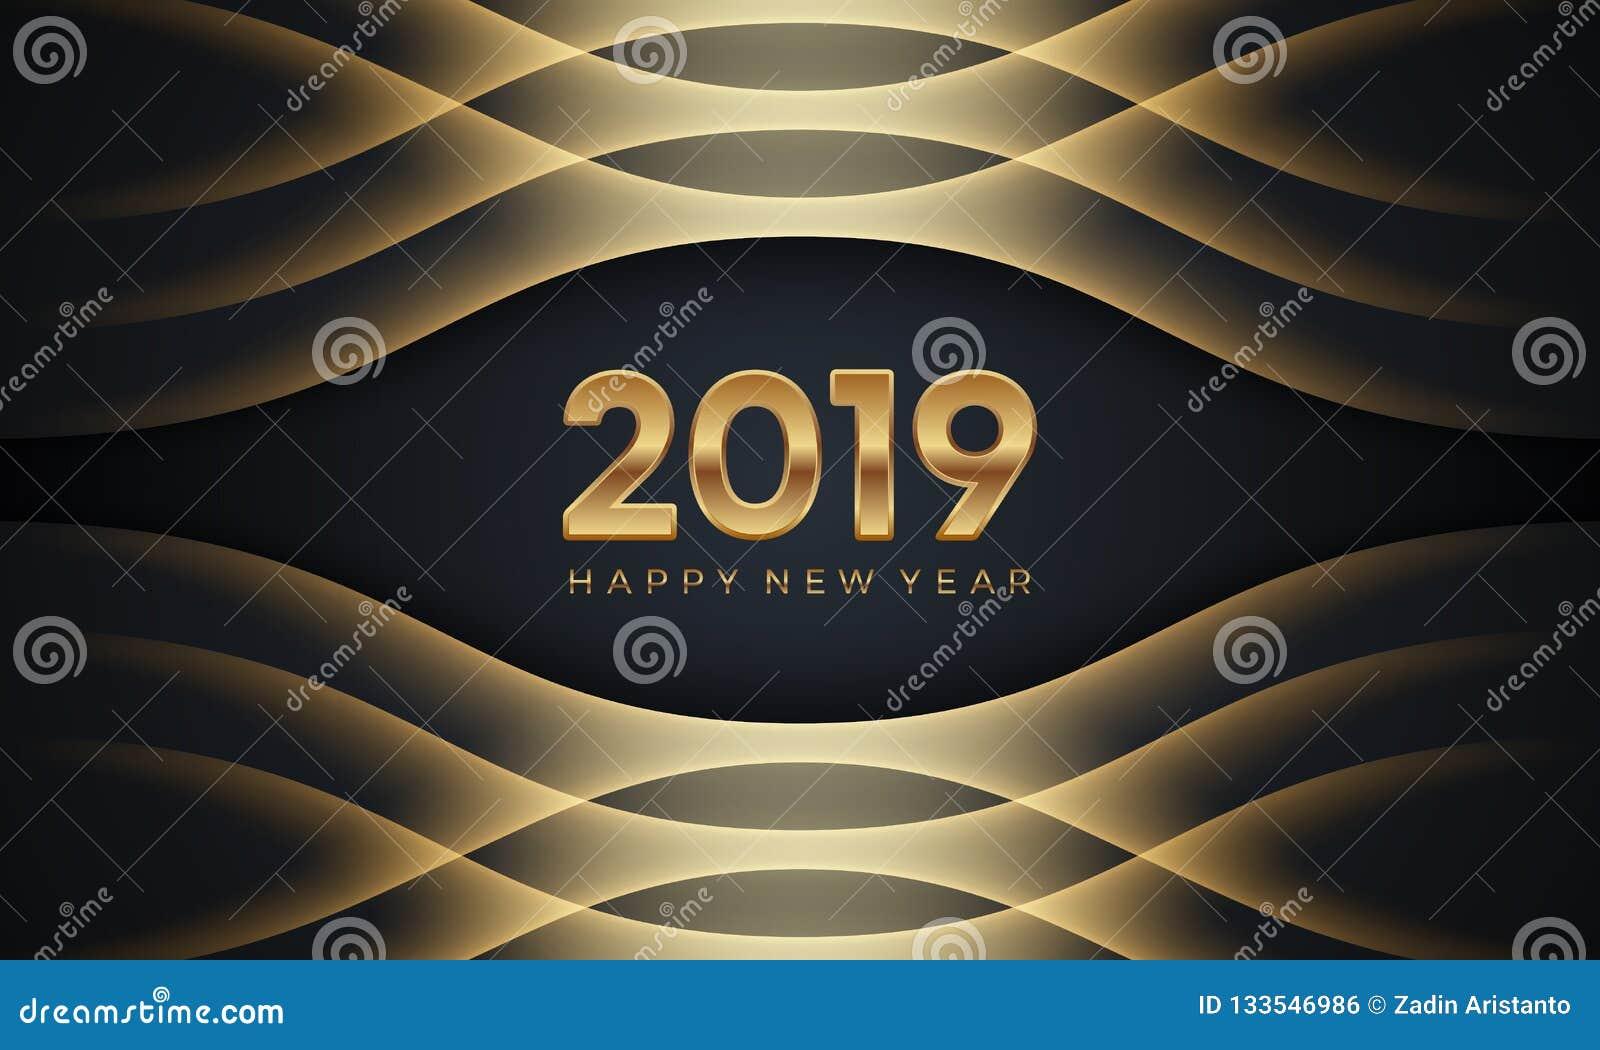 Lyckligt nytt år 2019 Idérik lyxig abstrakt vektorillustration med guld- nummer på mörk bakgrund